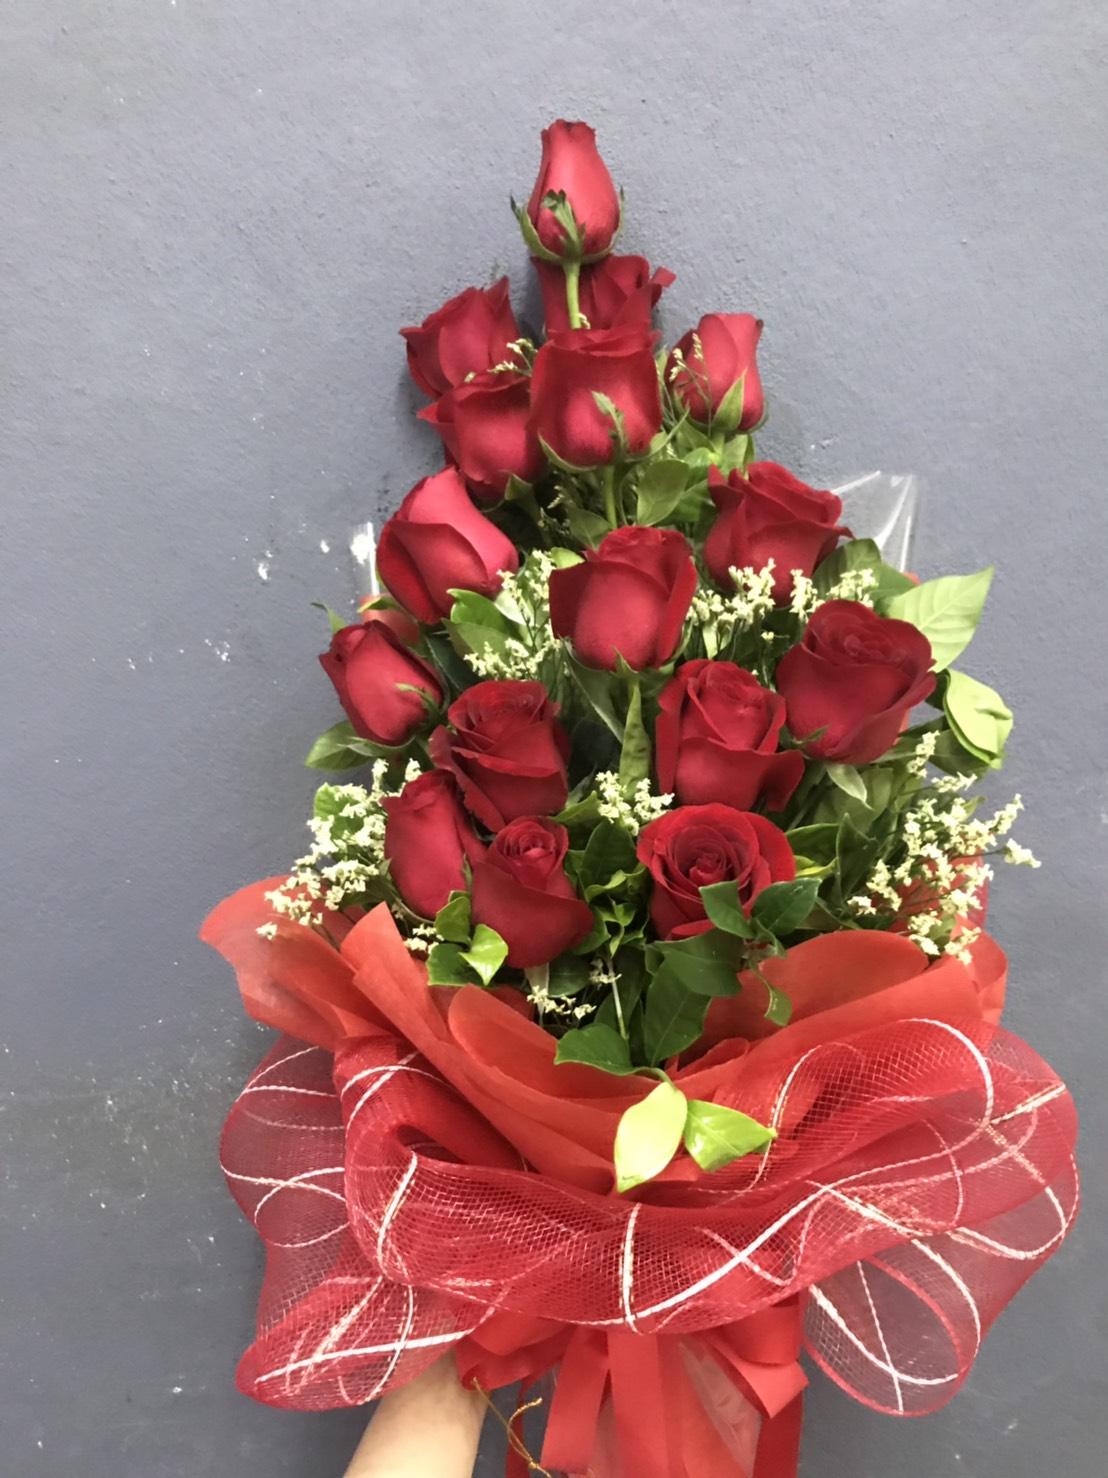 ดอกกุหลาบแดงเลอค่า ถูกนำมาจัดเป็นช่อดอกไม้ดูสวยงามที่สุด